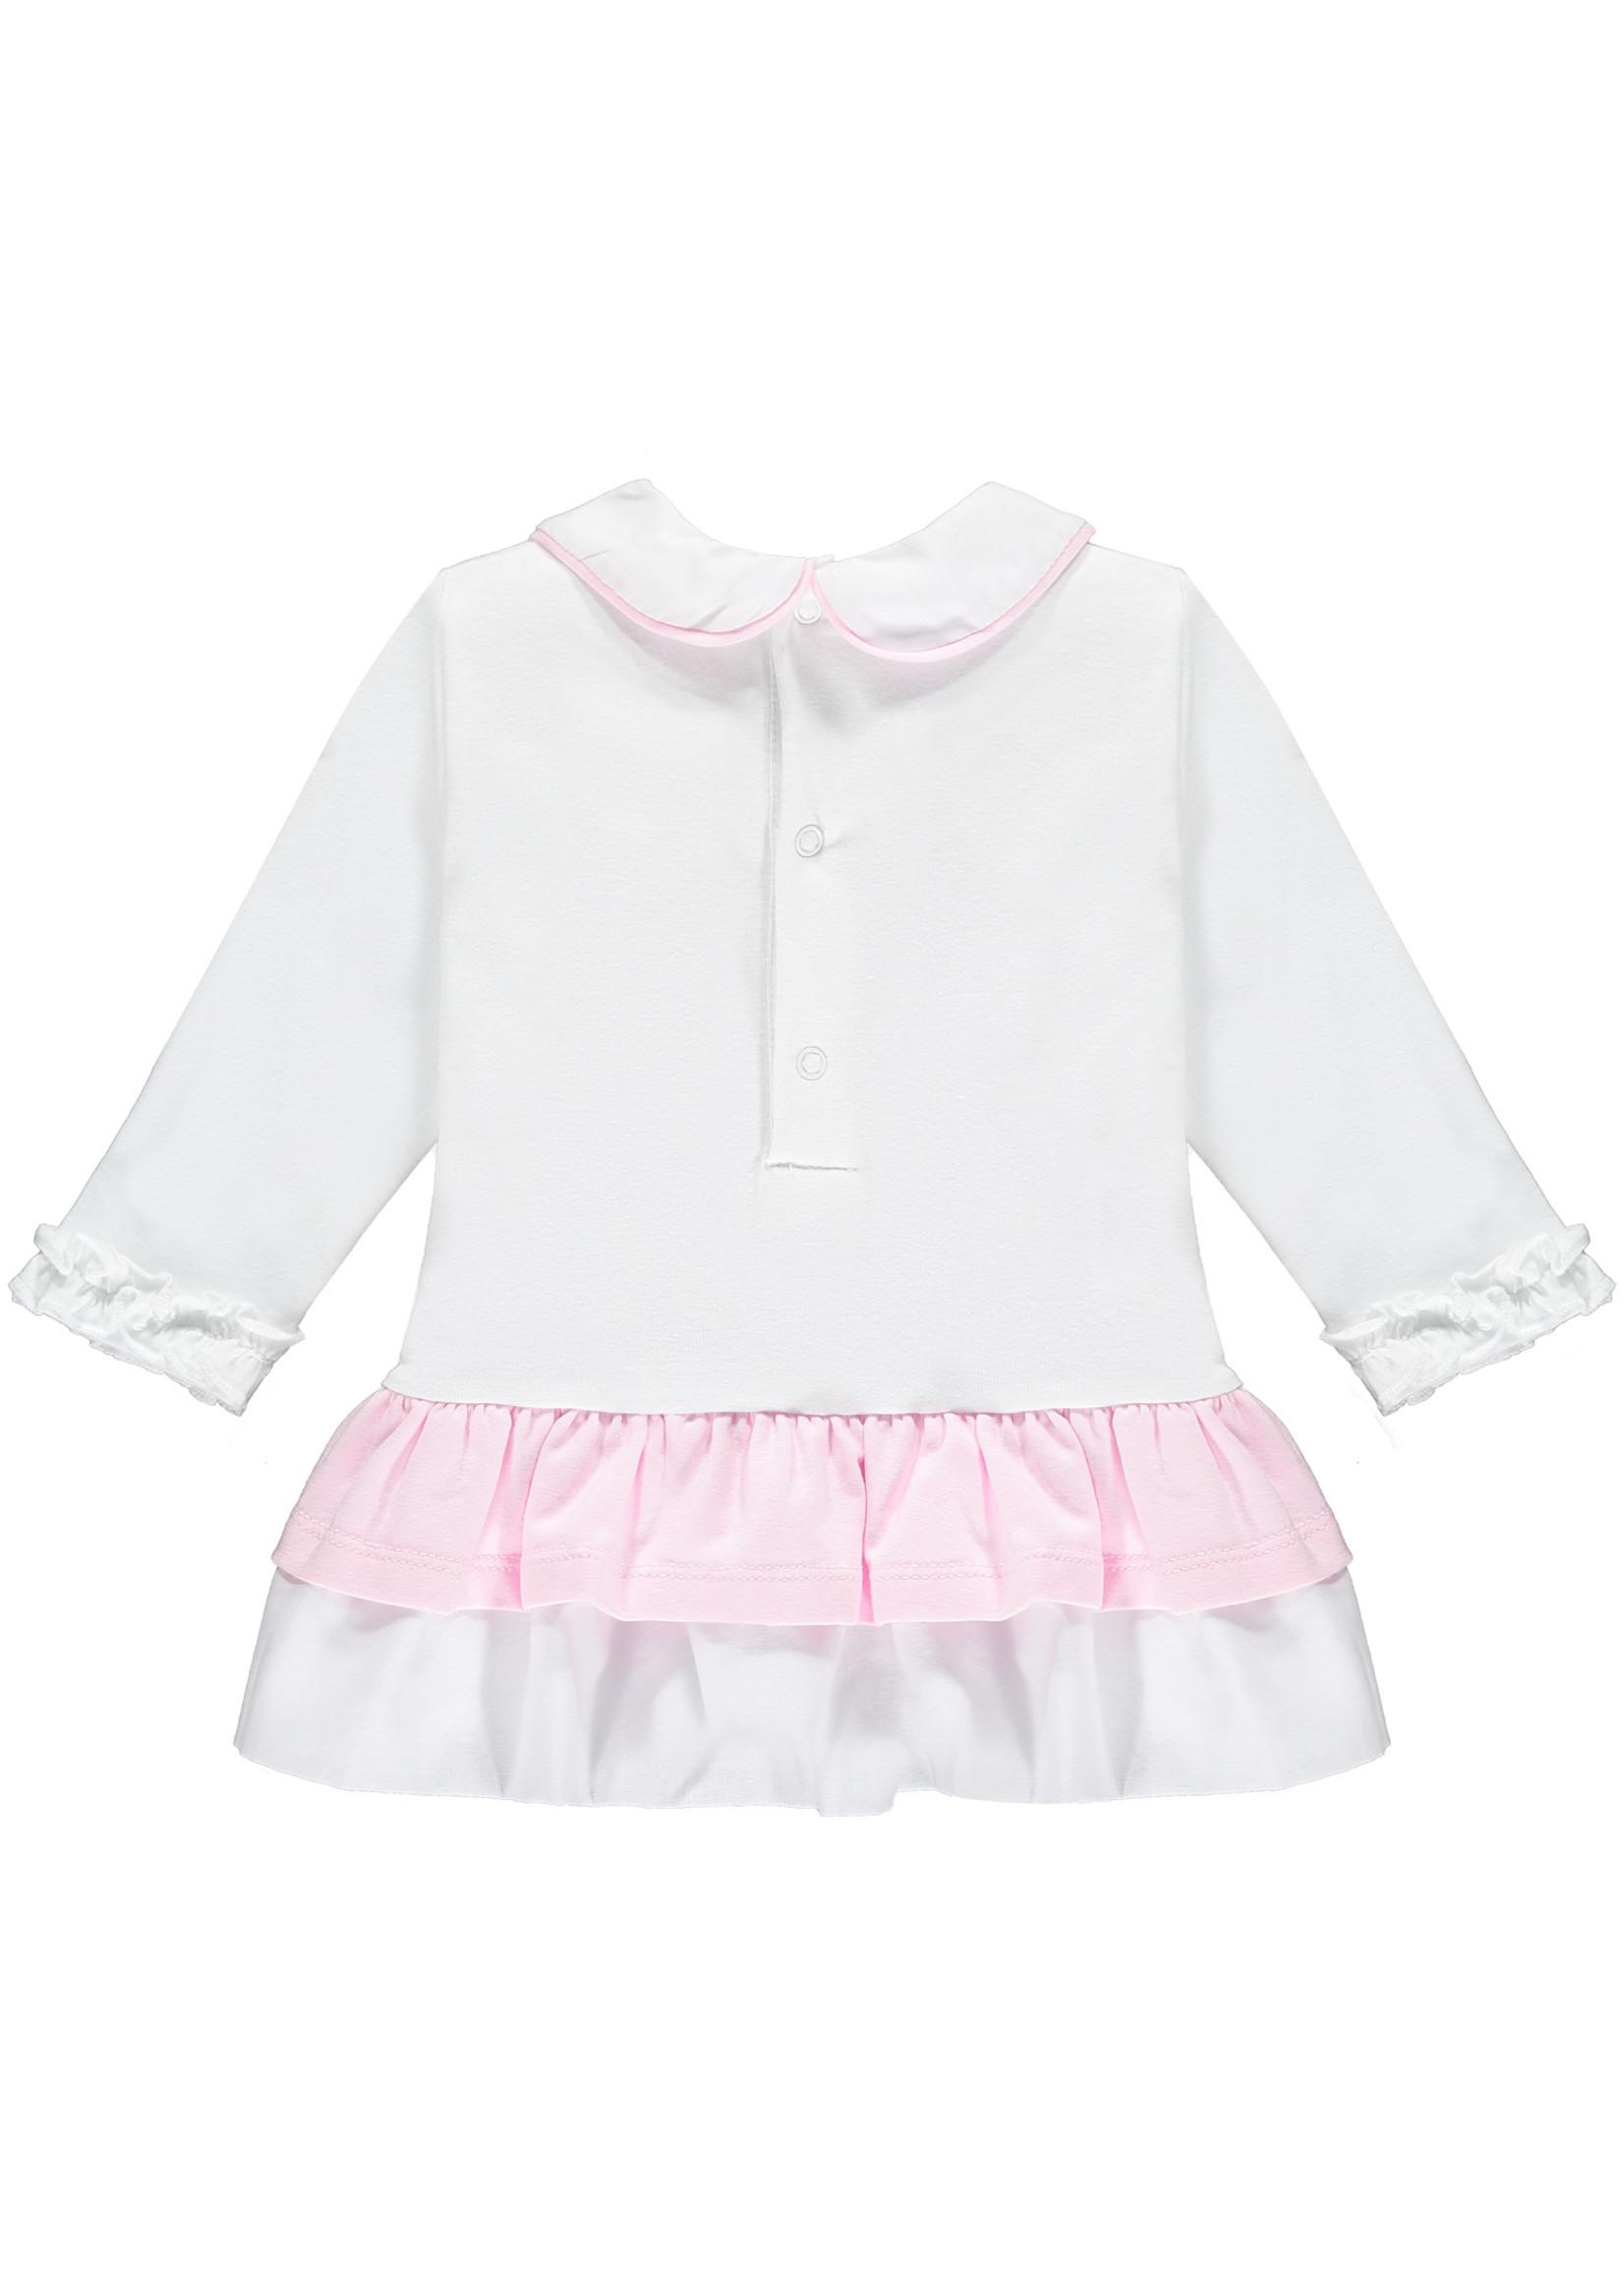 Little Adee Little Adee ADELINE Peplum legging set